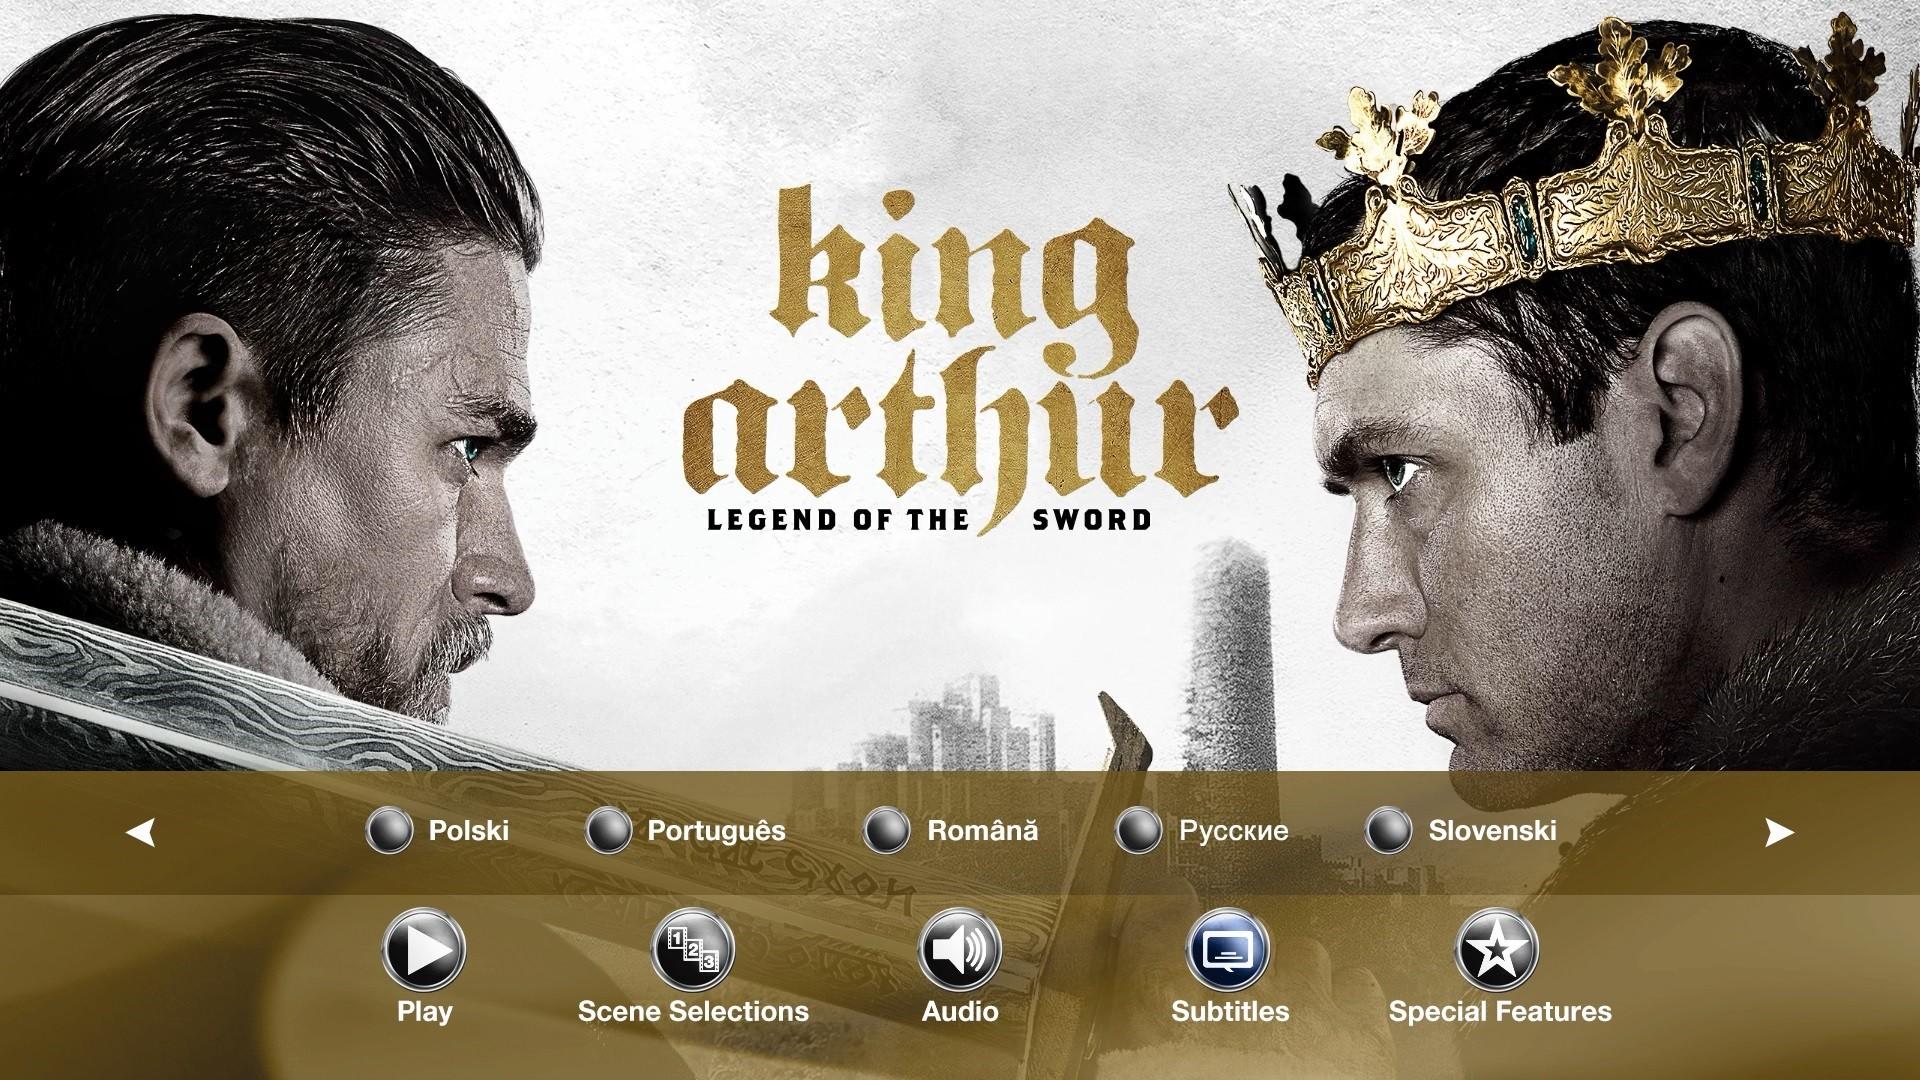 Król Artur (2017) menu.jpg